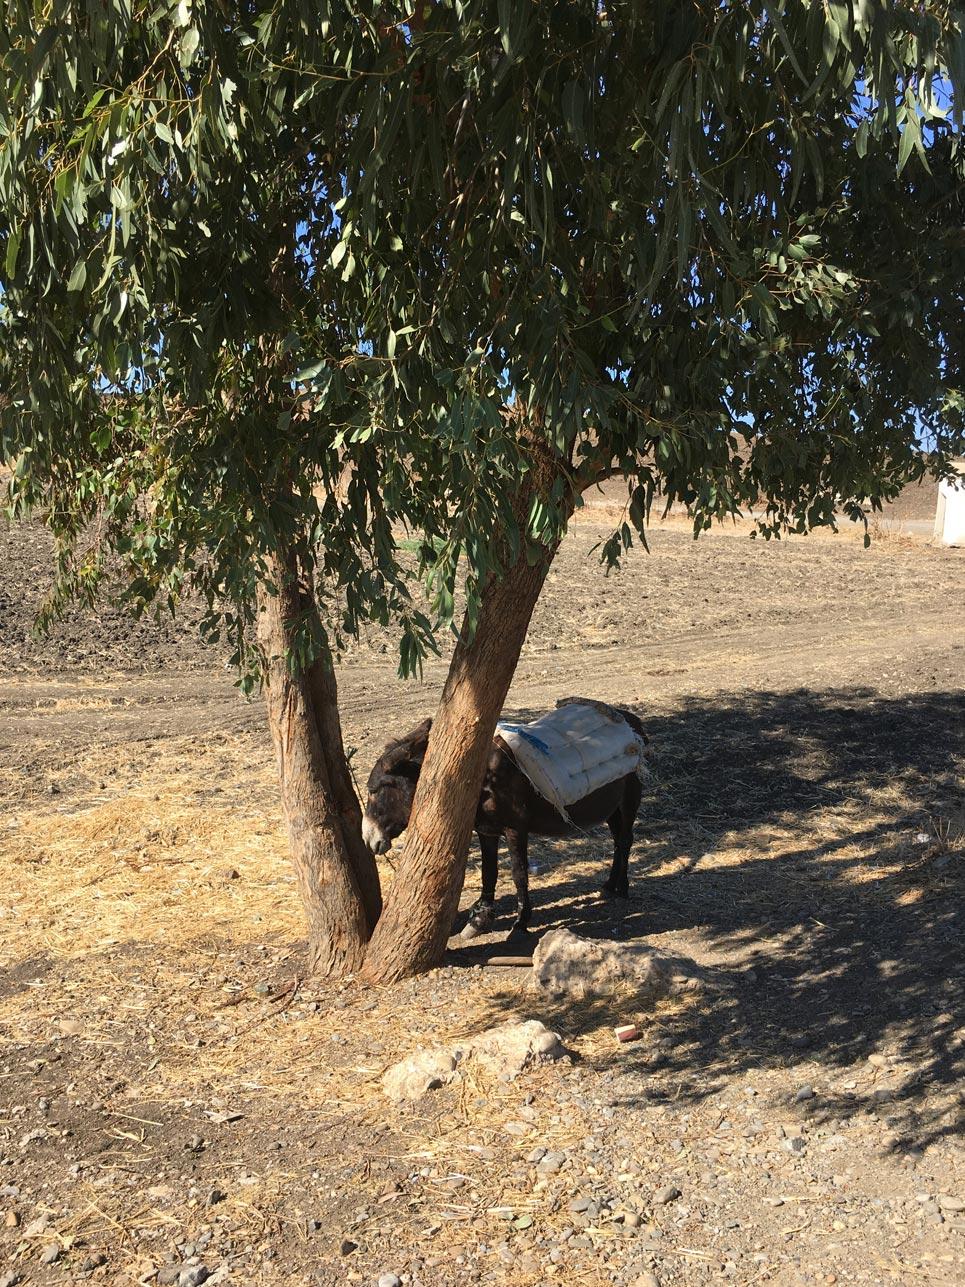 Begegnung des Tages: Dieser Esel stand wie viele andere Tiere angebunden am Straßenrand. Immerhin schien er wohlgenährt zu sein und ein wenig Schatten bei 33 Grad hatte er auch.